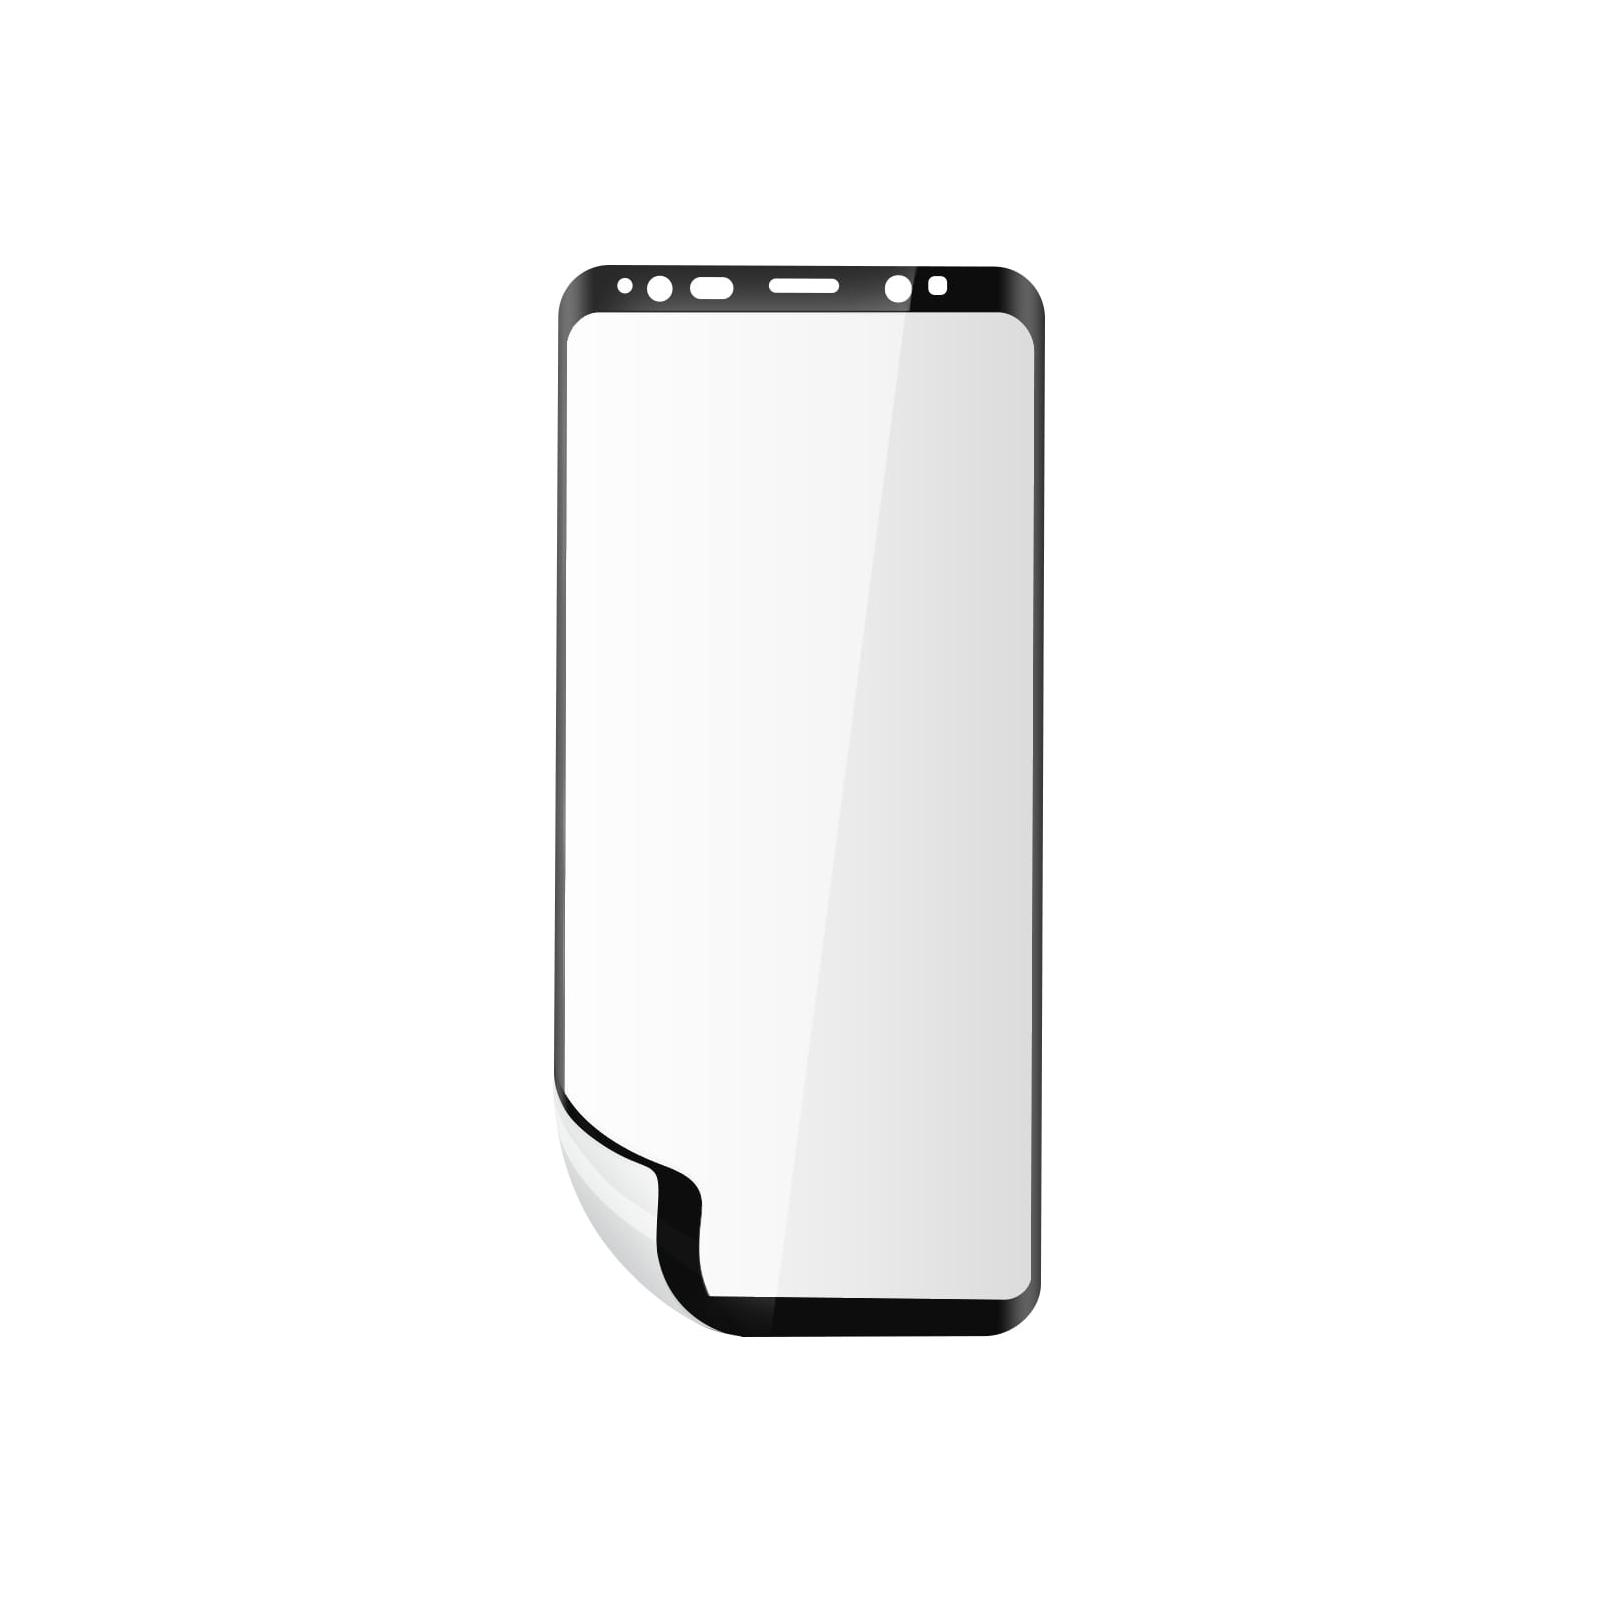 Пленка защитная MakeFuture для Samsung S8 Black 3D (MF3D-SS8B) изображение 2